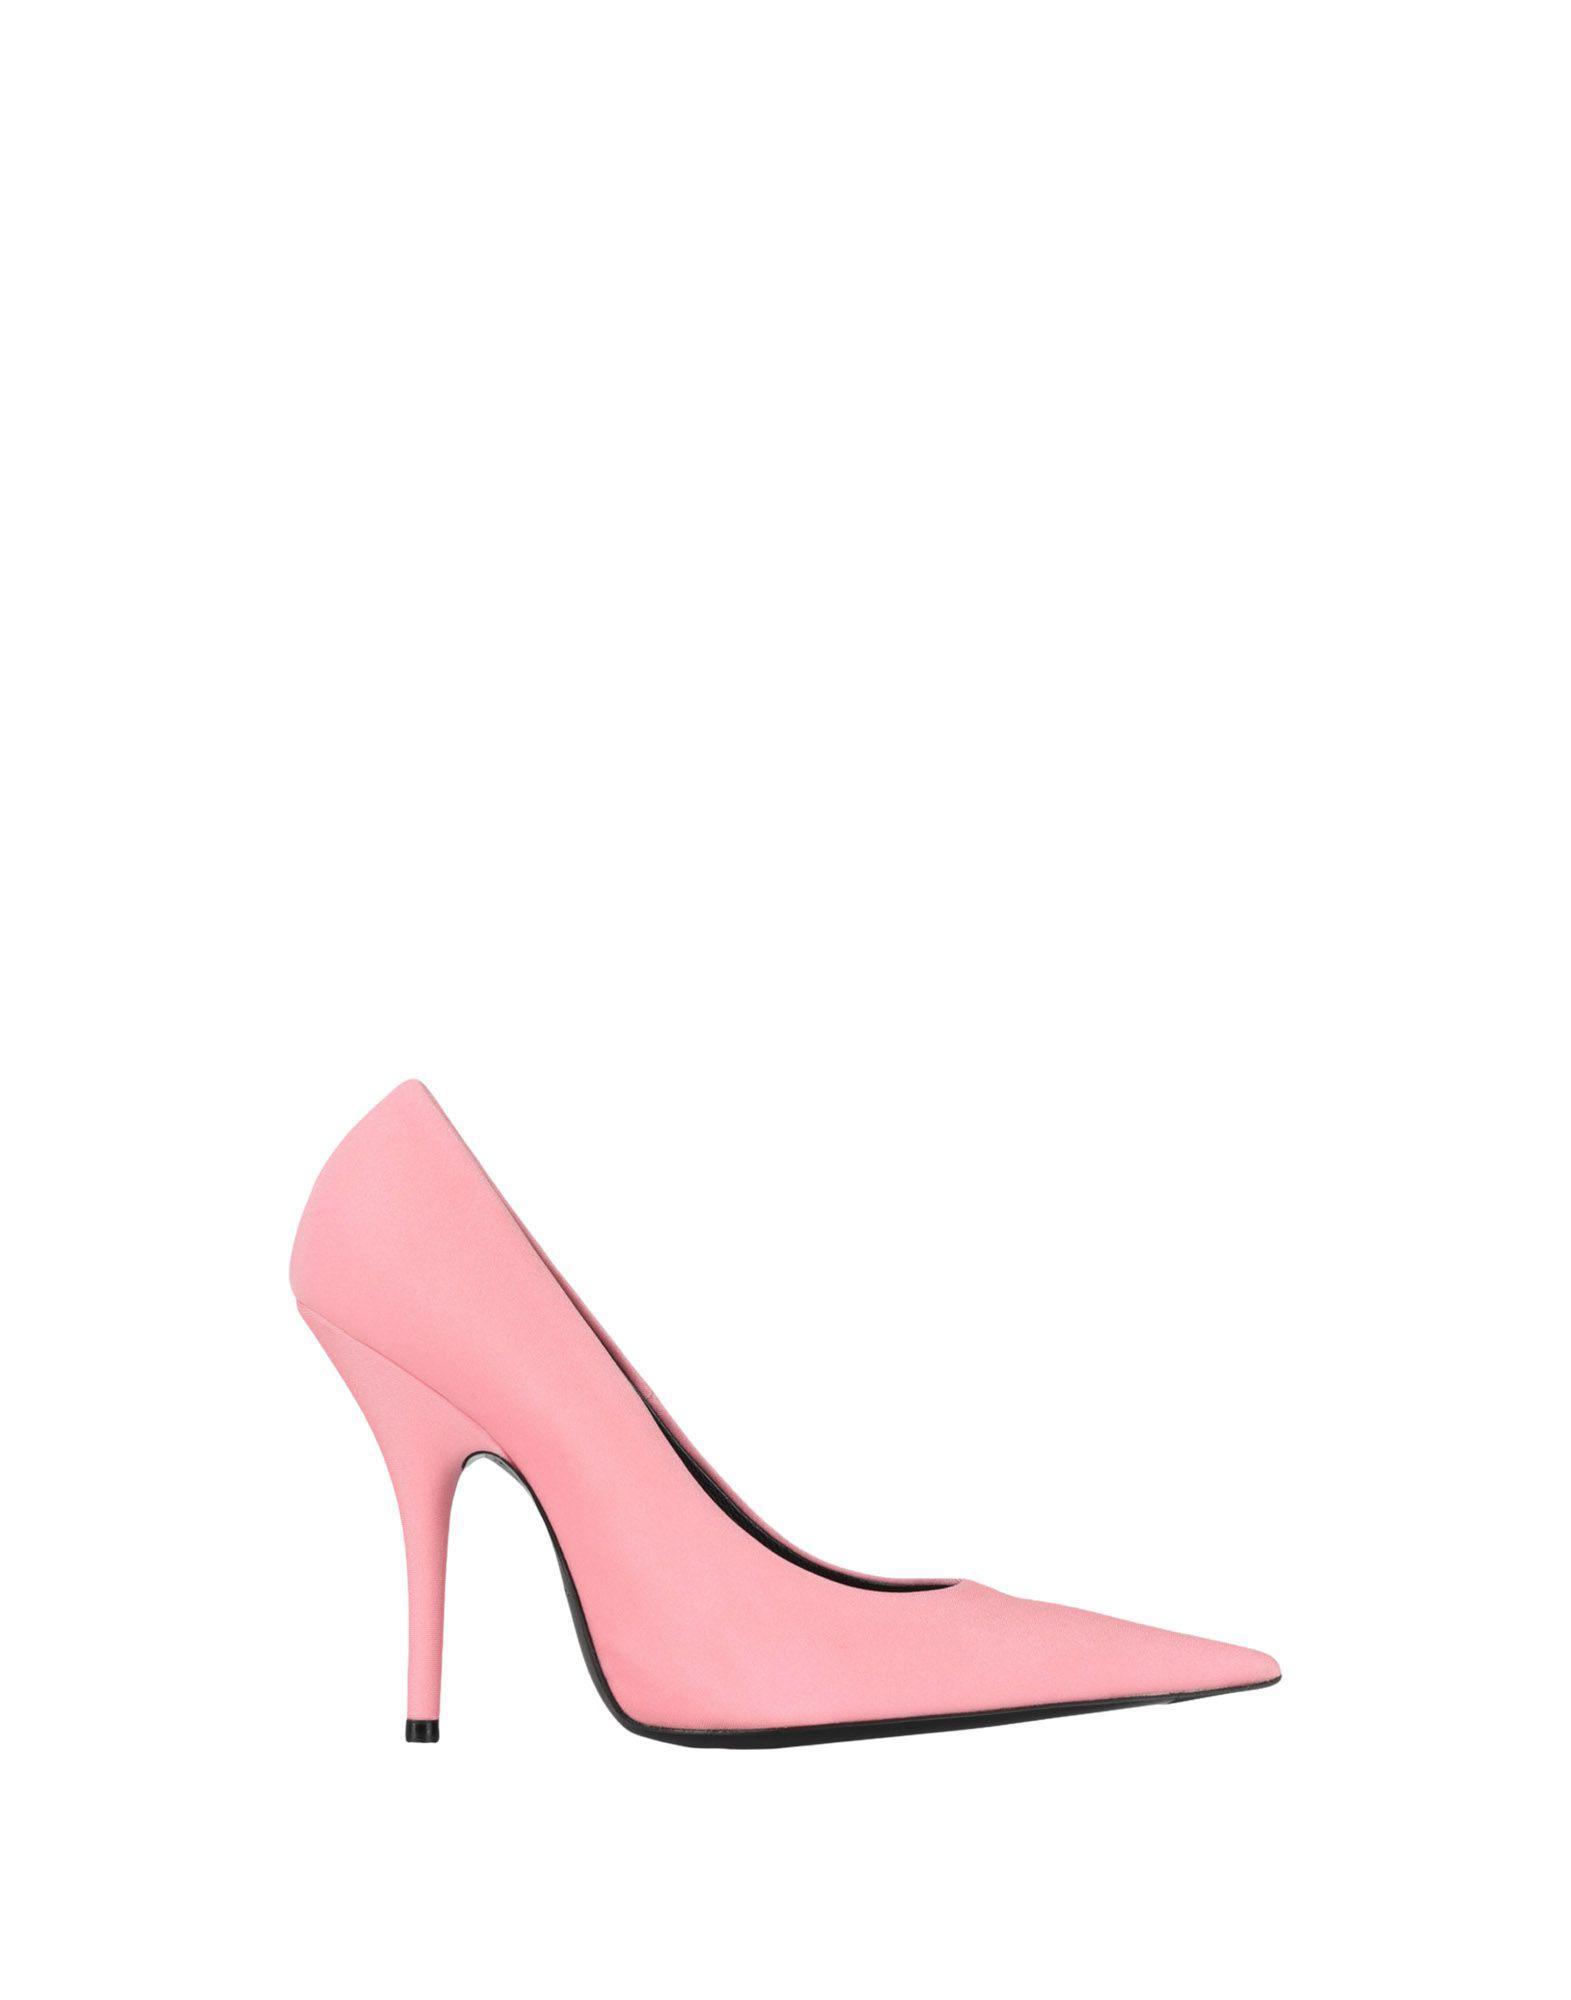 Zapatos de salón Balenciaga de Raso de color Rosa